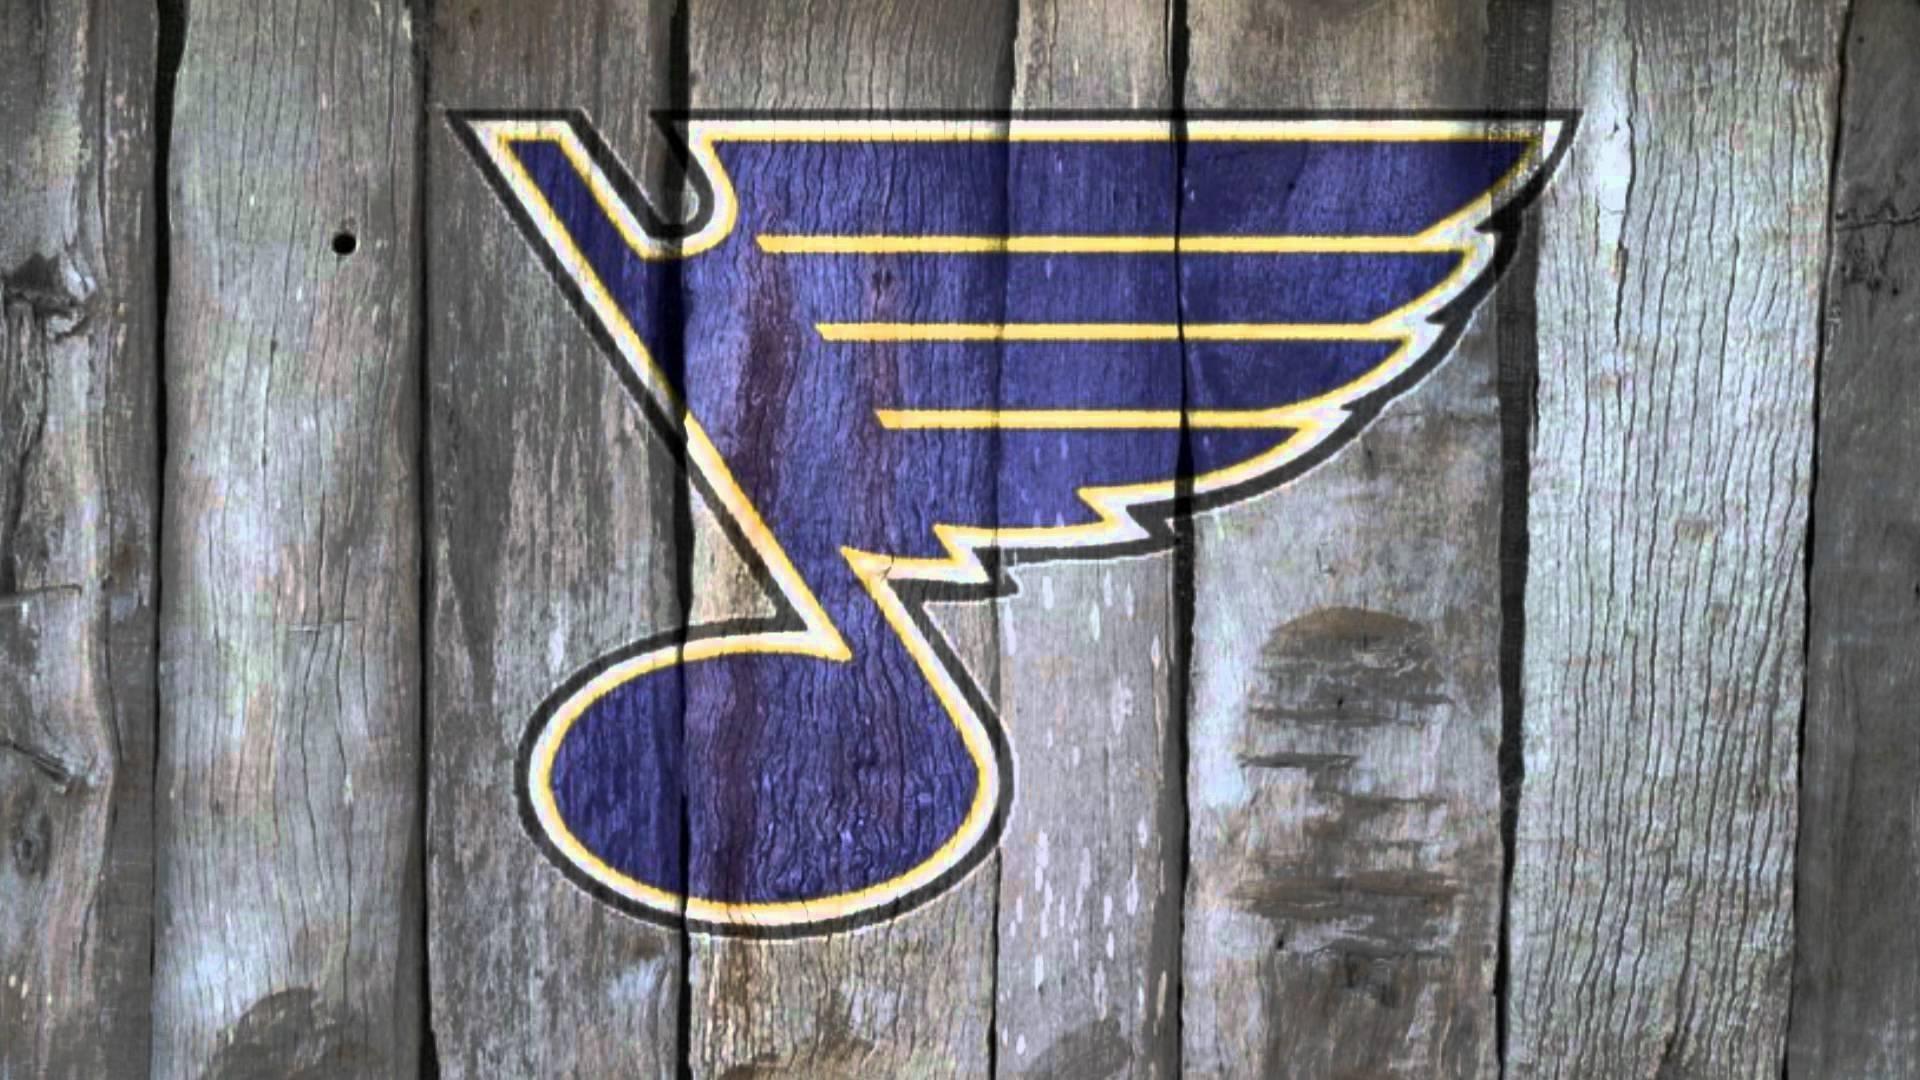 St Louis Blues Iphone Wallpaper St Louis Blues Wallpaper 183 ①